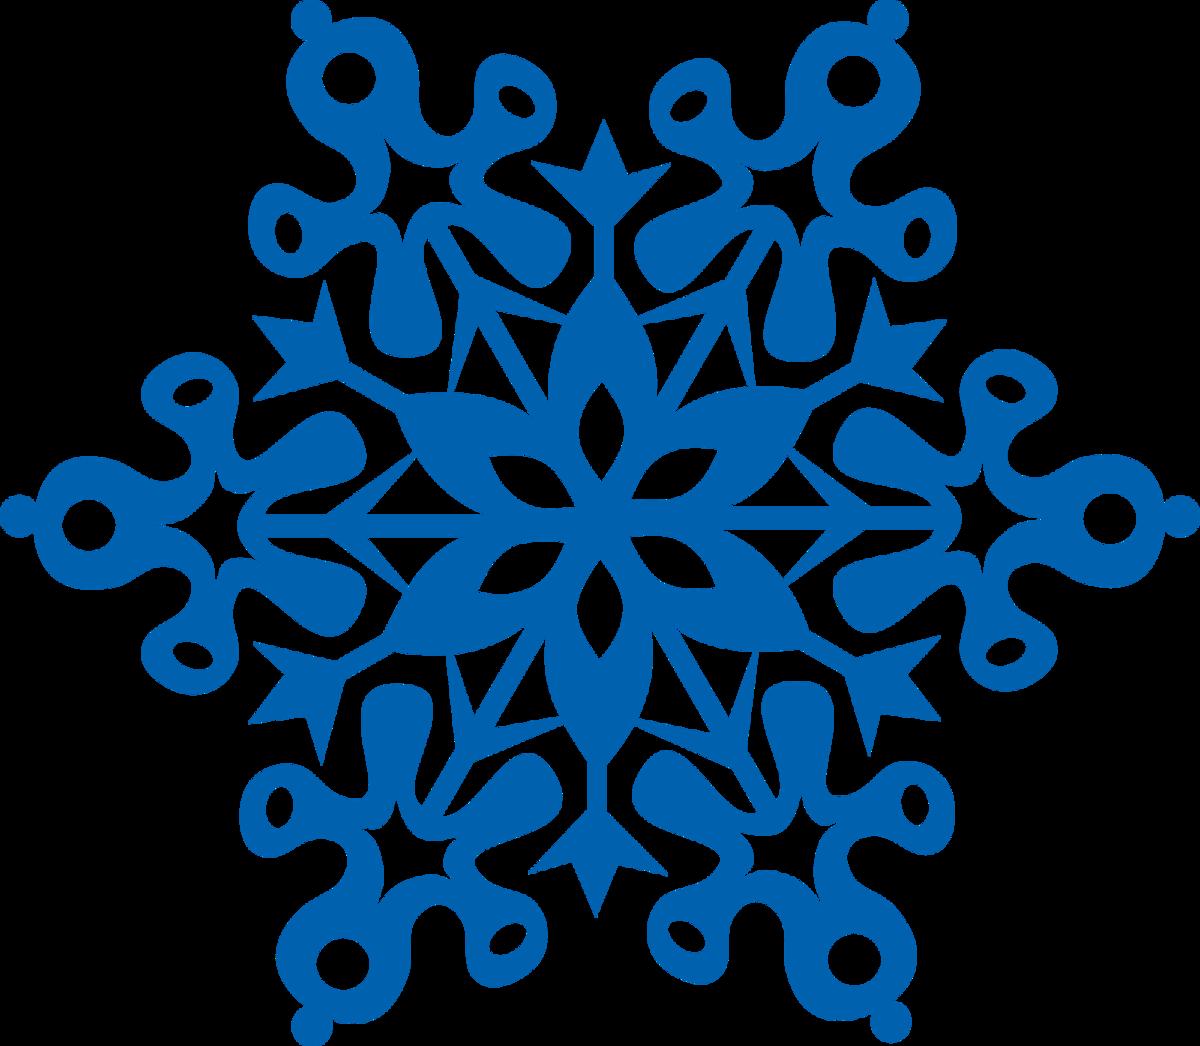 картинка снежинки на прозрачном фоне